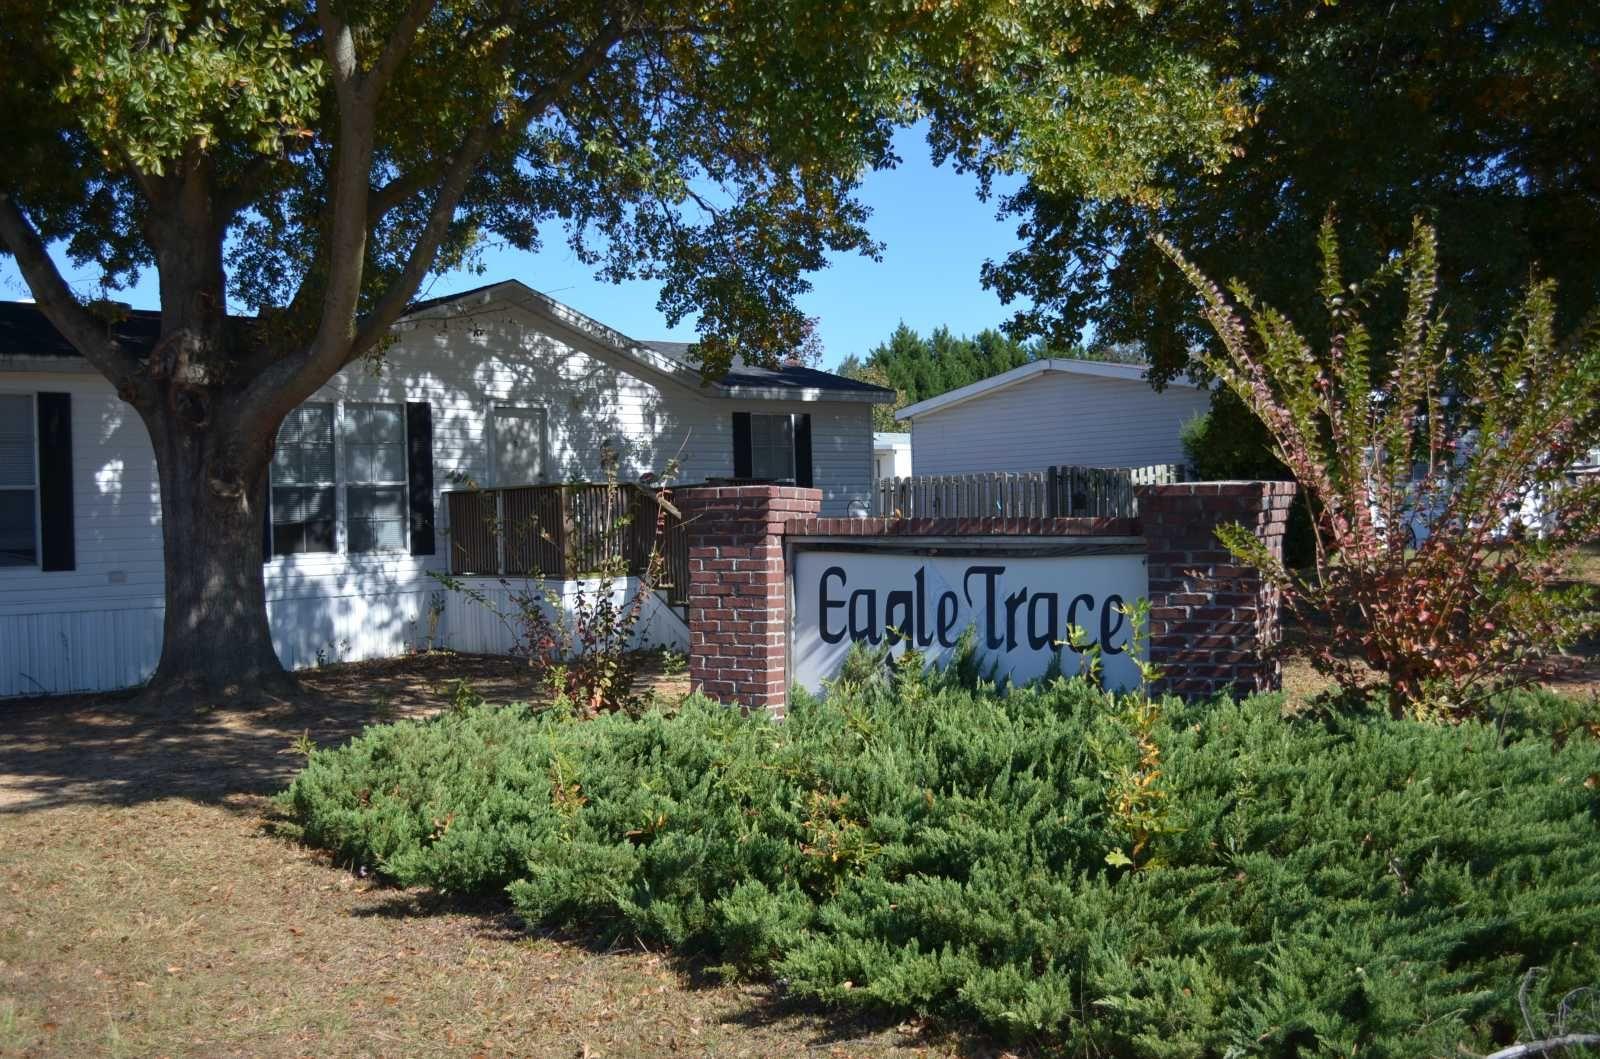 Eagle Trace Mobile Home Park In Warner Robins GA Via MHVillage